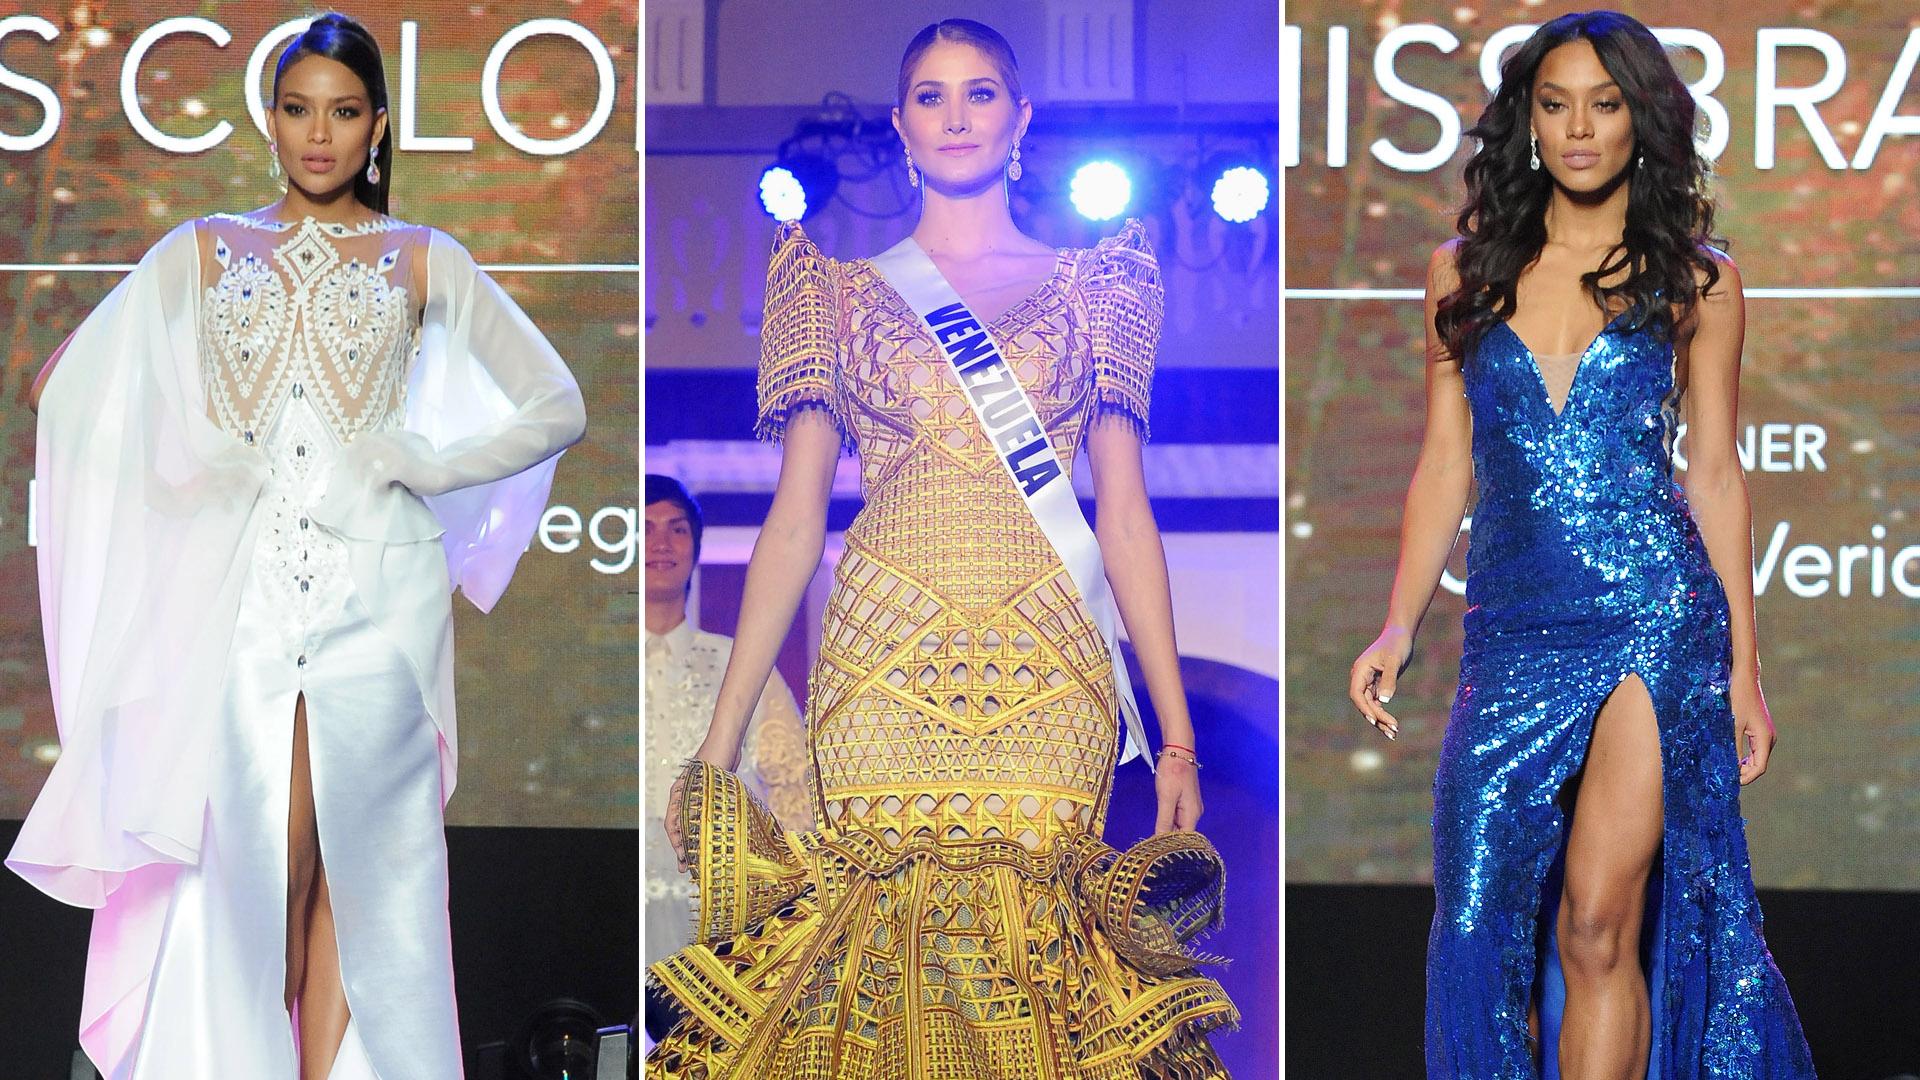 Los mejores momentos de Miss Universo 2017 | Telemundo